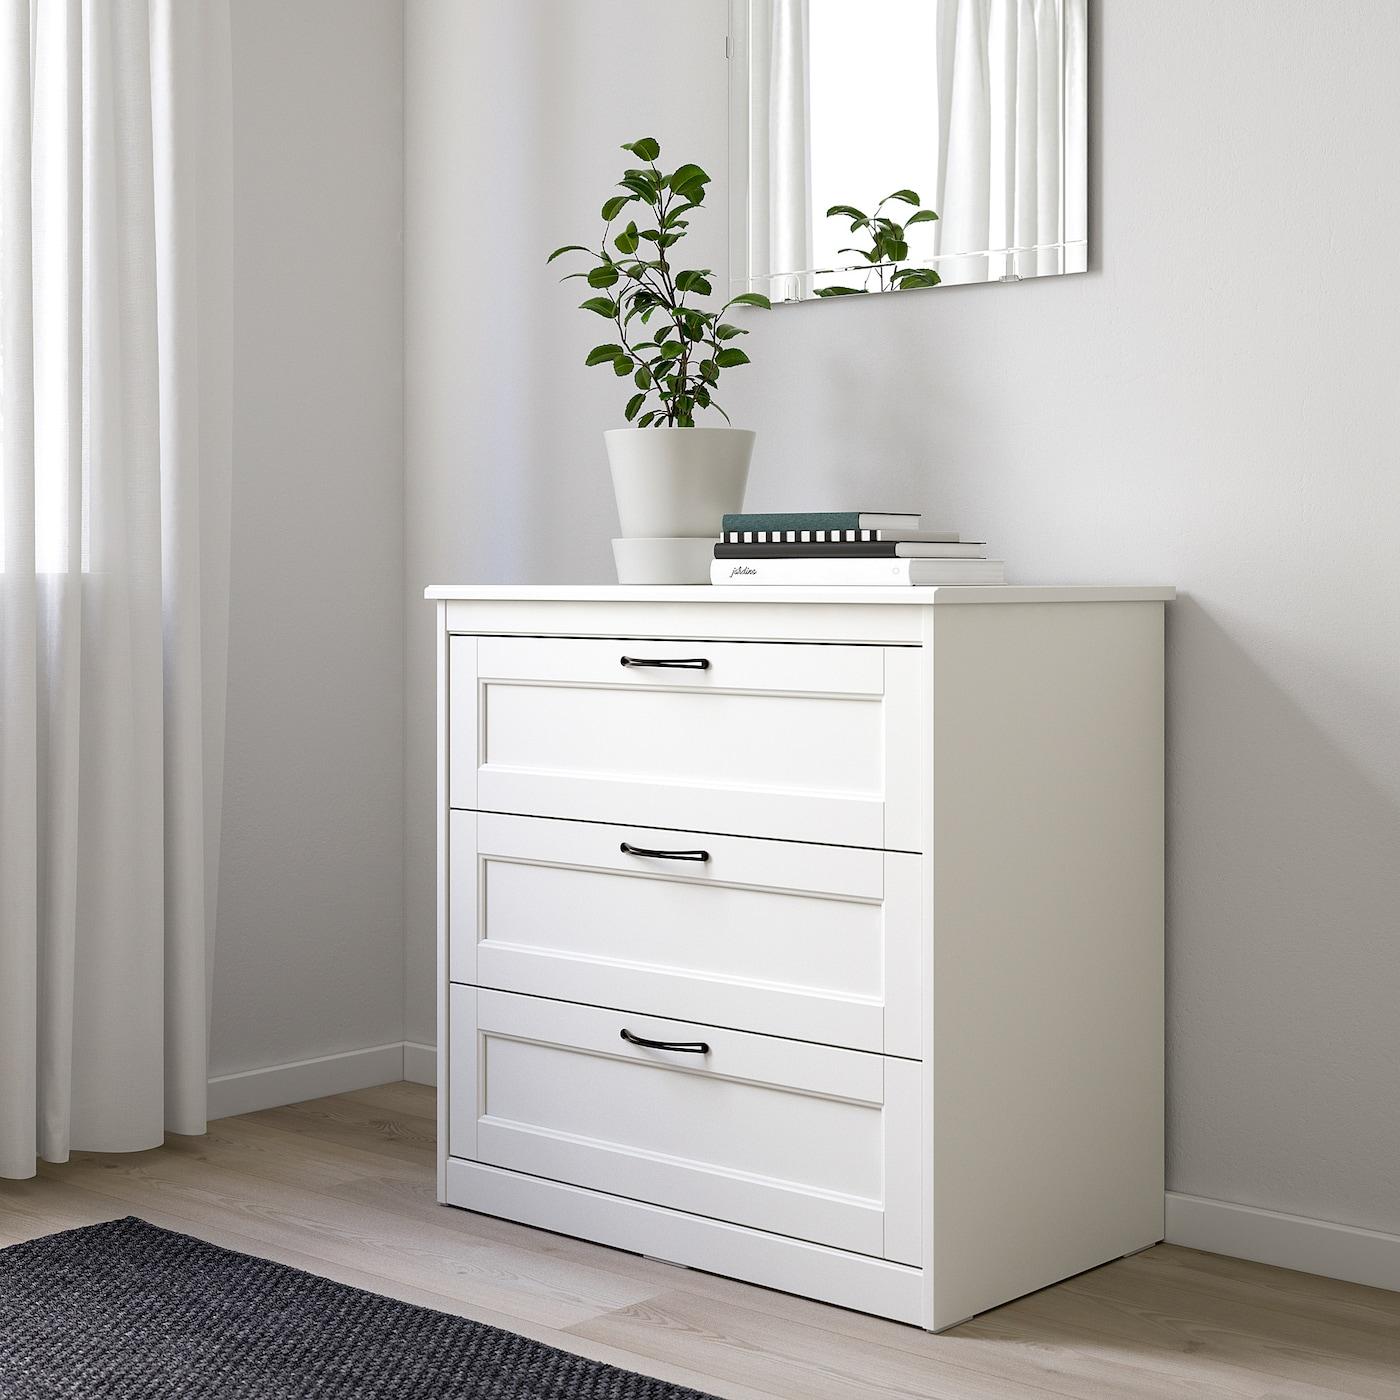 SONGESAND Calaixera de 3 calaixos, blanc, 82x81 cm